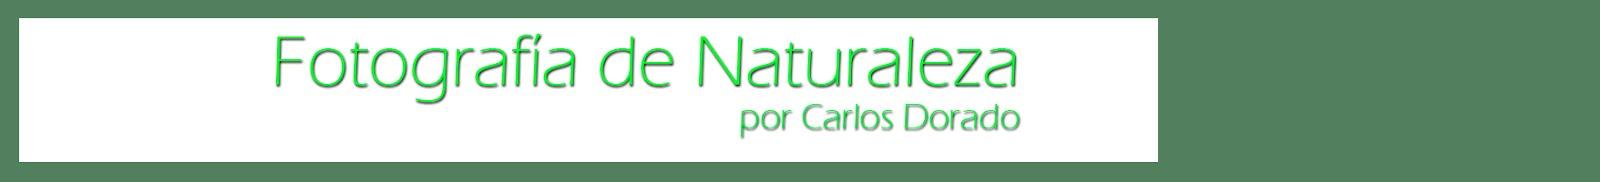 Fotografía de la Naturaleza de Carlos Dorado